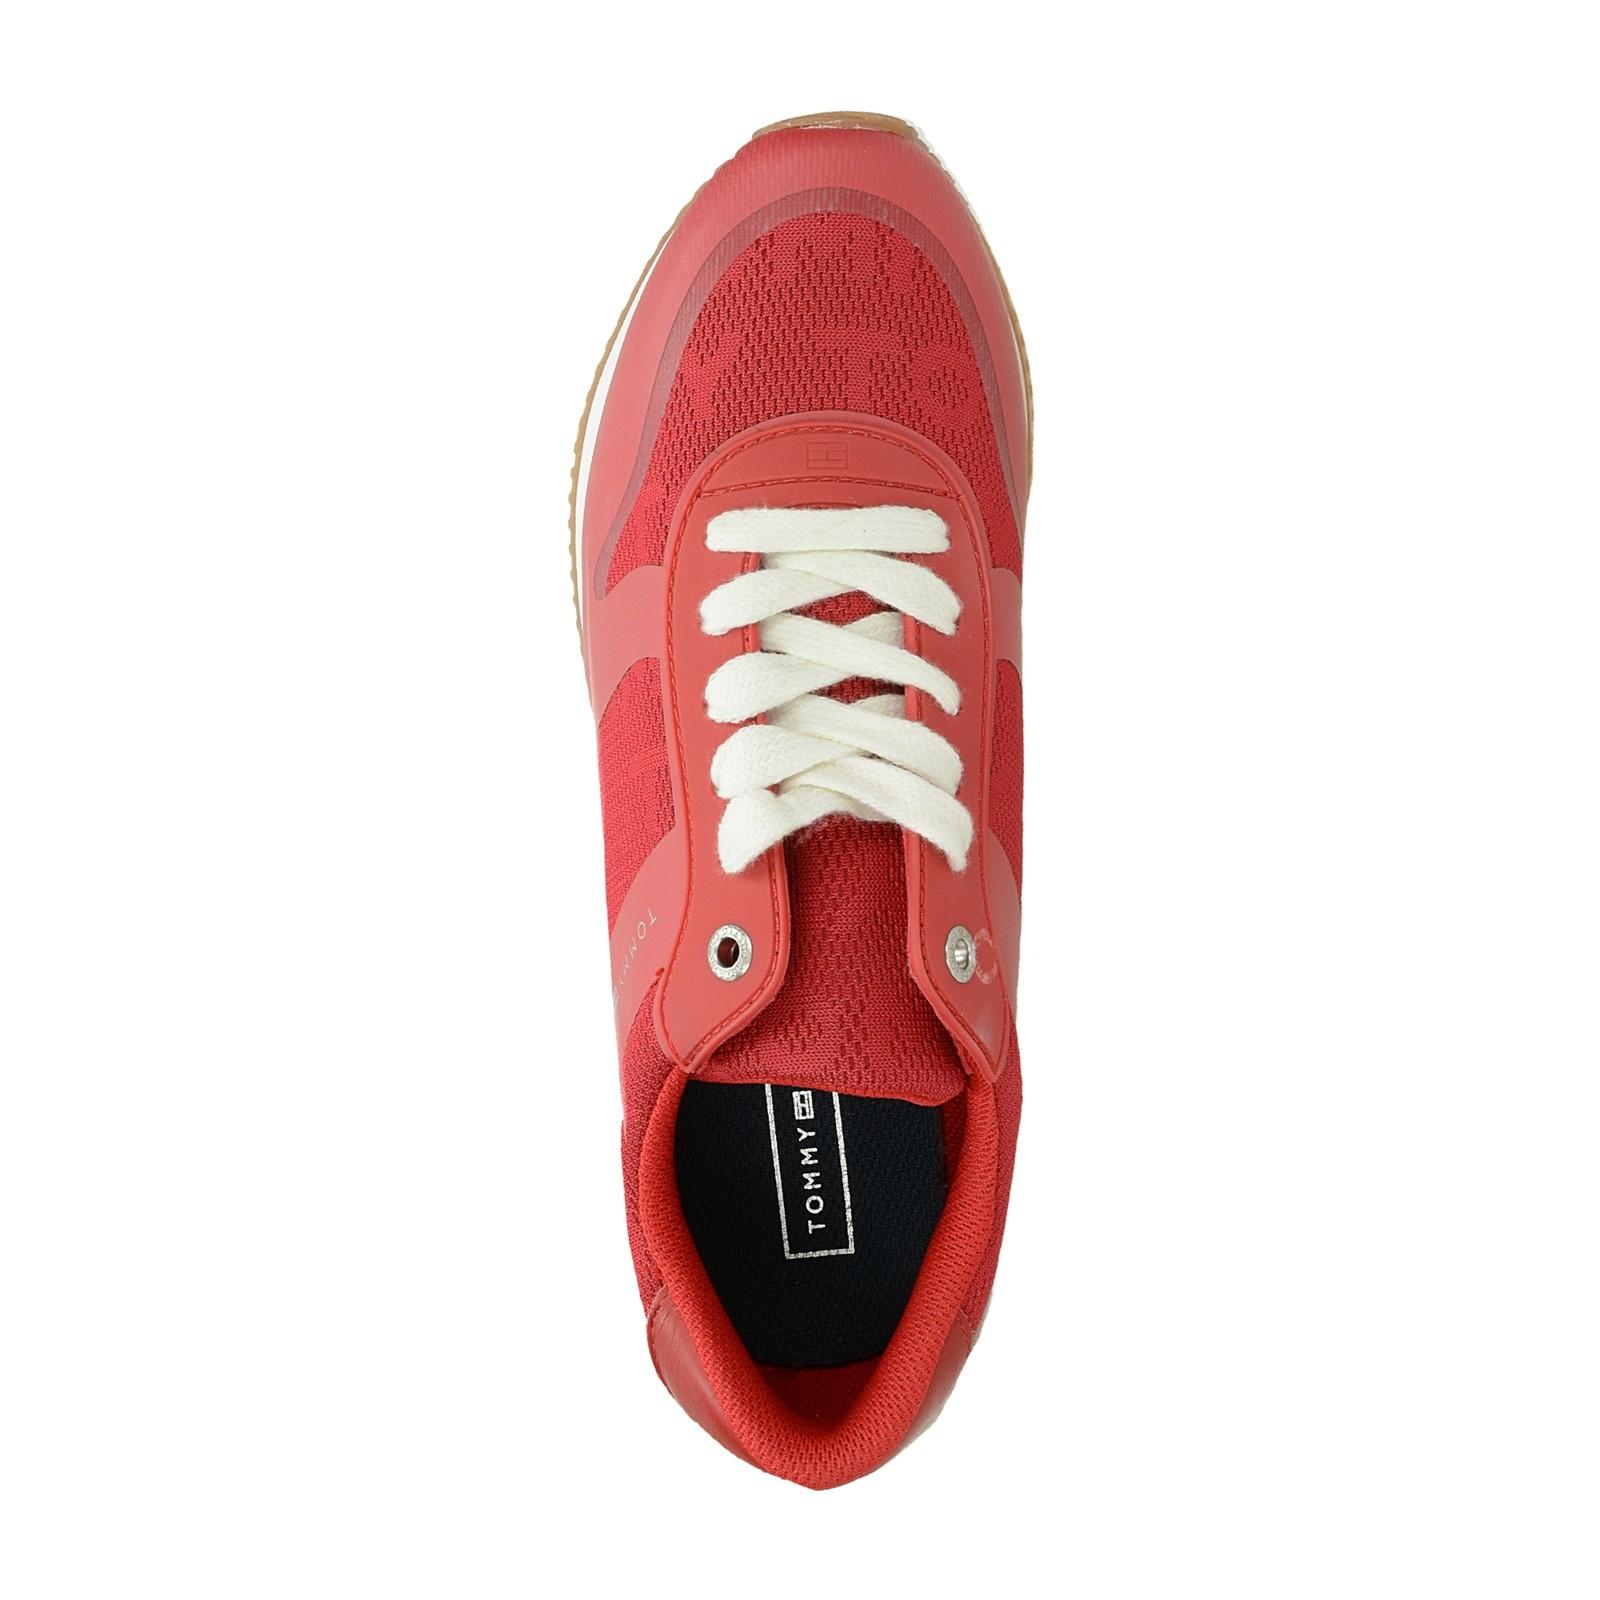 be0242b13 Tommy Hilfiger dámske štýlové tenisky - červené | FW0FW04026611 ...